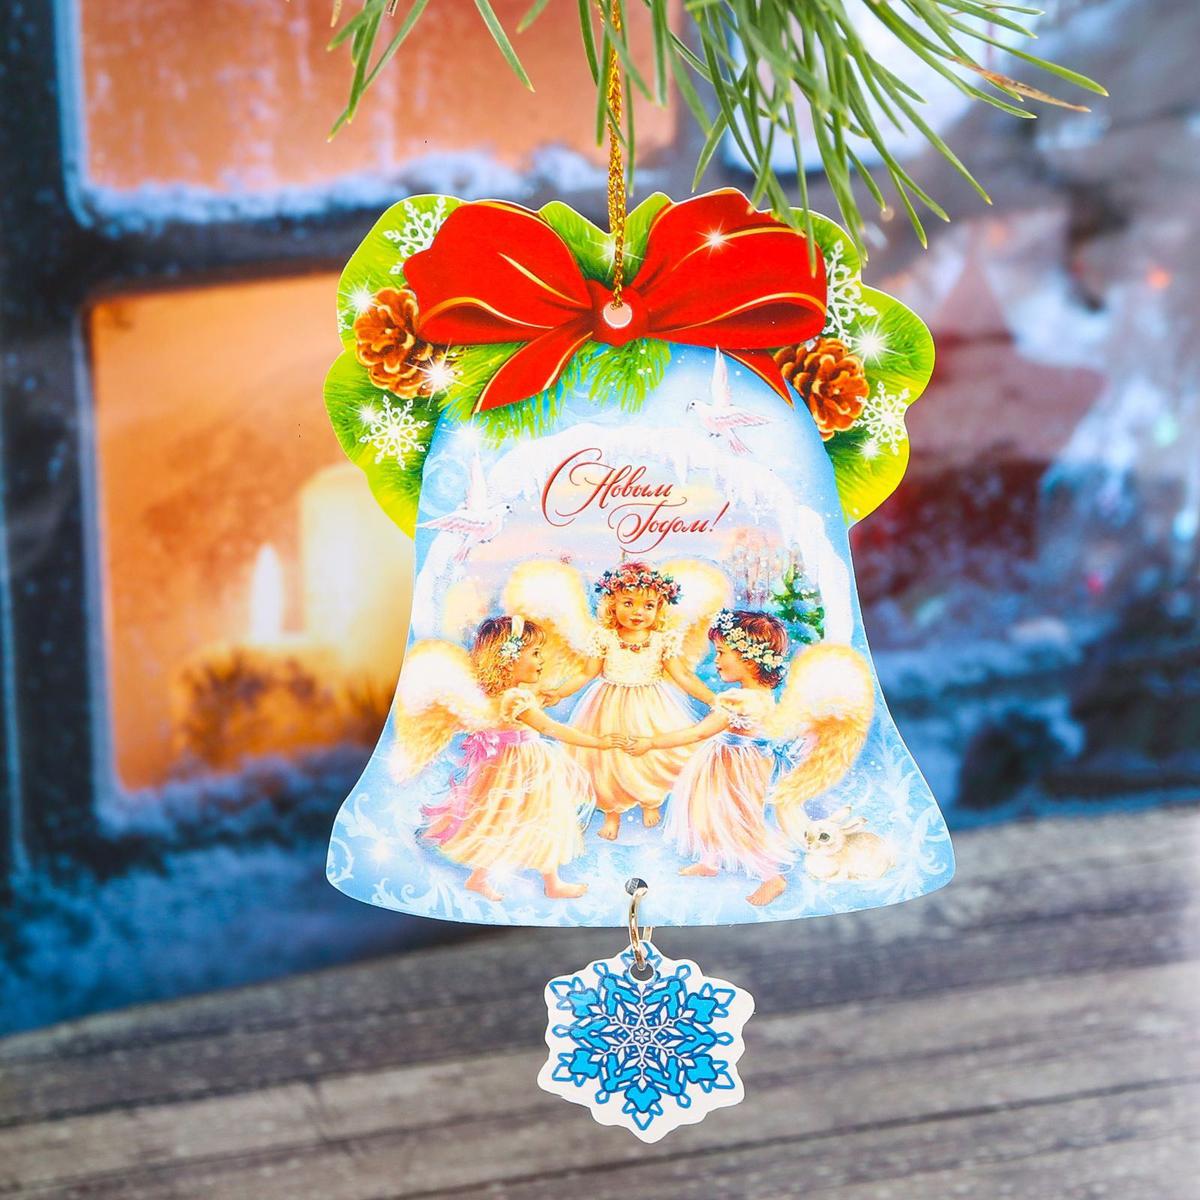 Набор новогодних подвесных украшений Sima-land Ангелы, 7,5 х 9 см, 2 шт2268141Невозможно представить нашу жизнь без праздников! Мы всегда ждём их и предвкушаем, обдумываем, как проведём памятный день, тщательно выбираем подарки и аксессуары, ведь именно они создают и поддерживают торжественный настрой.